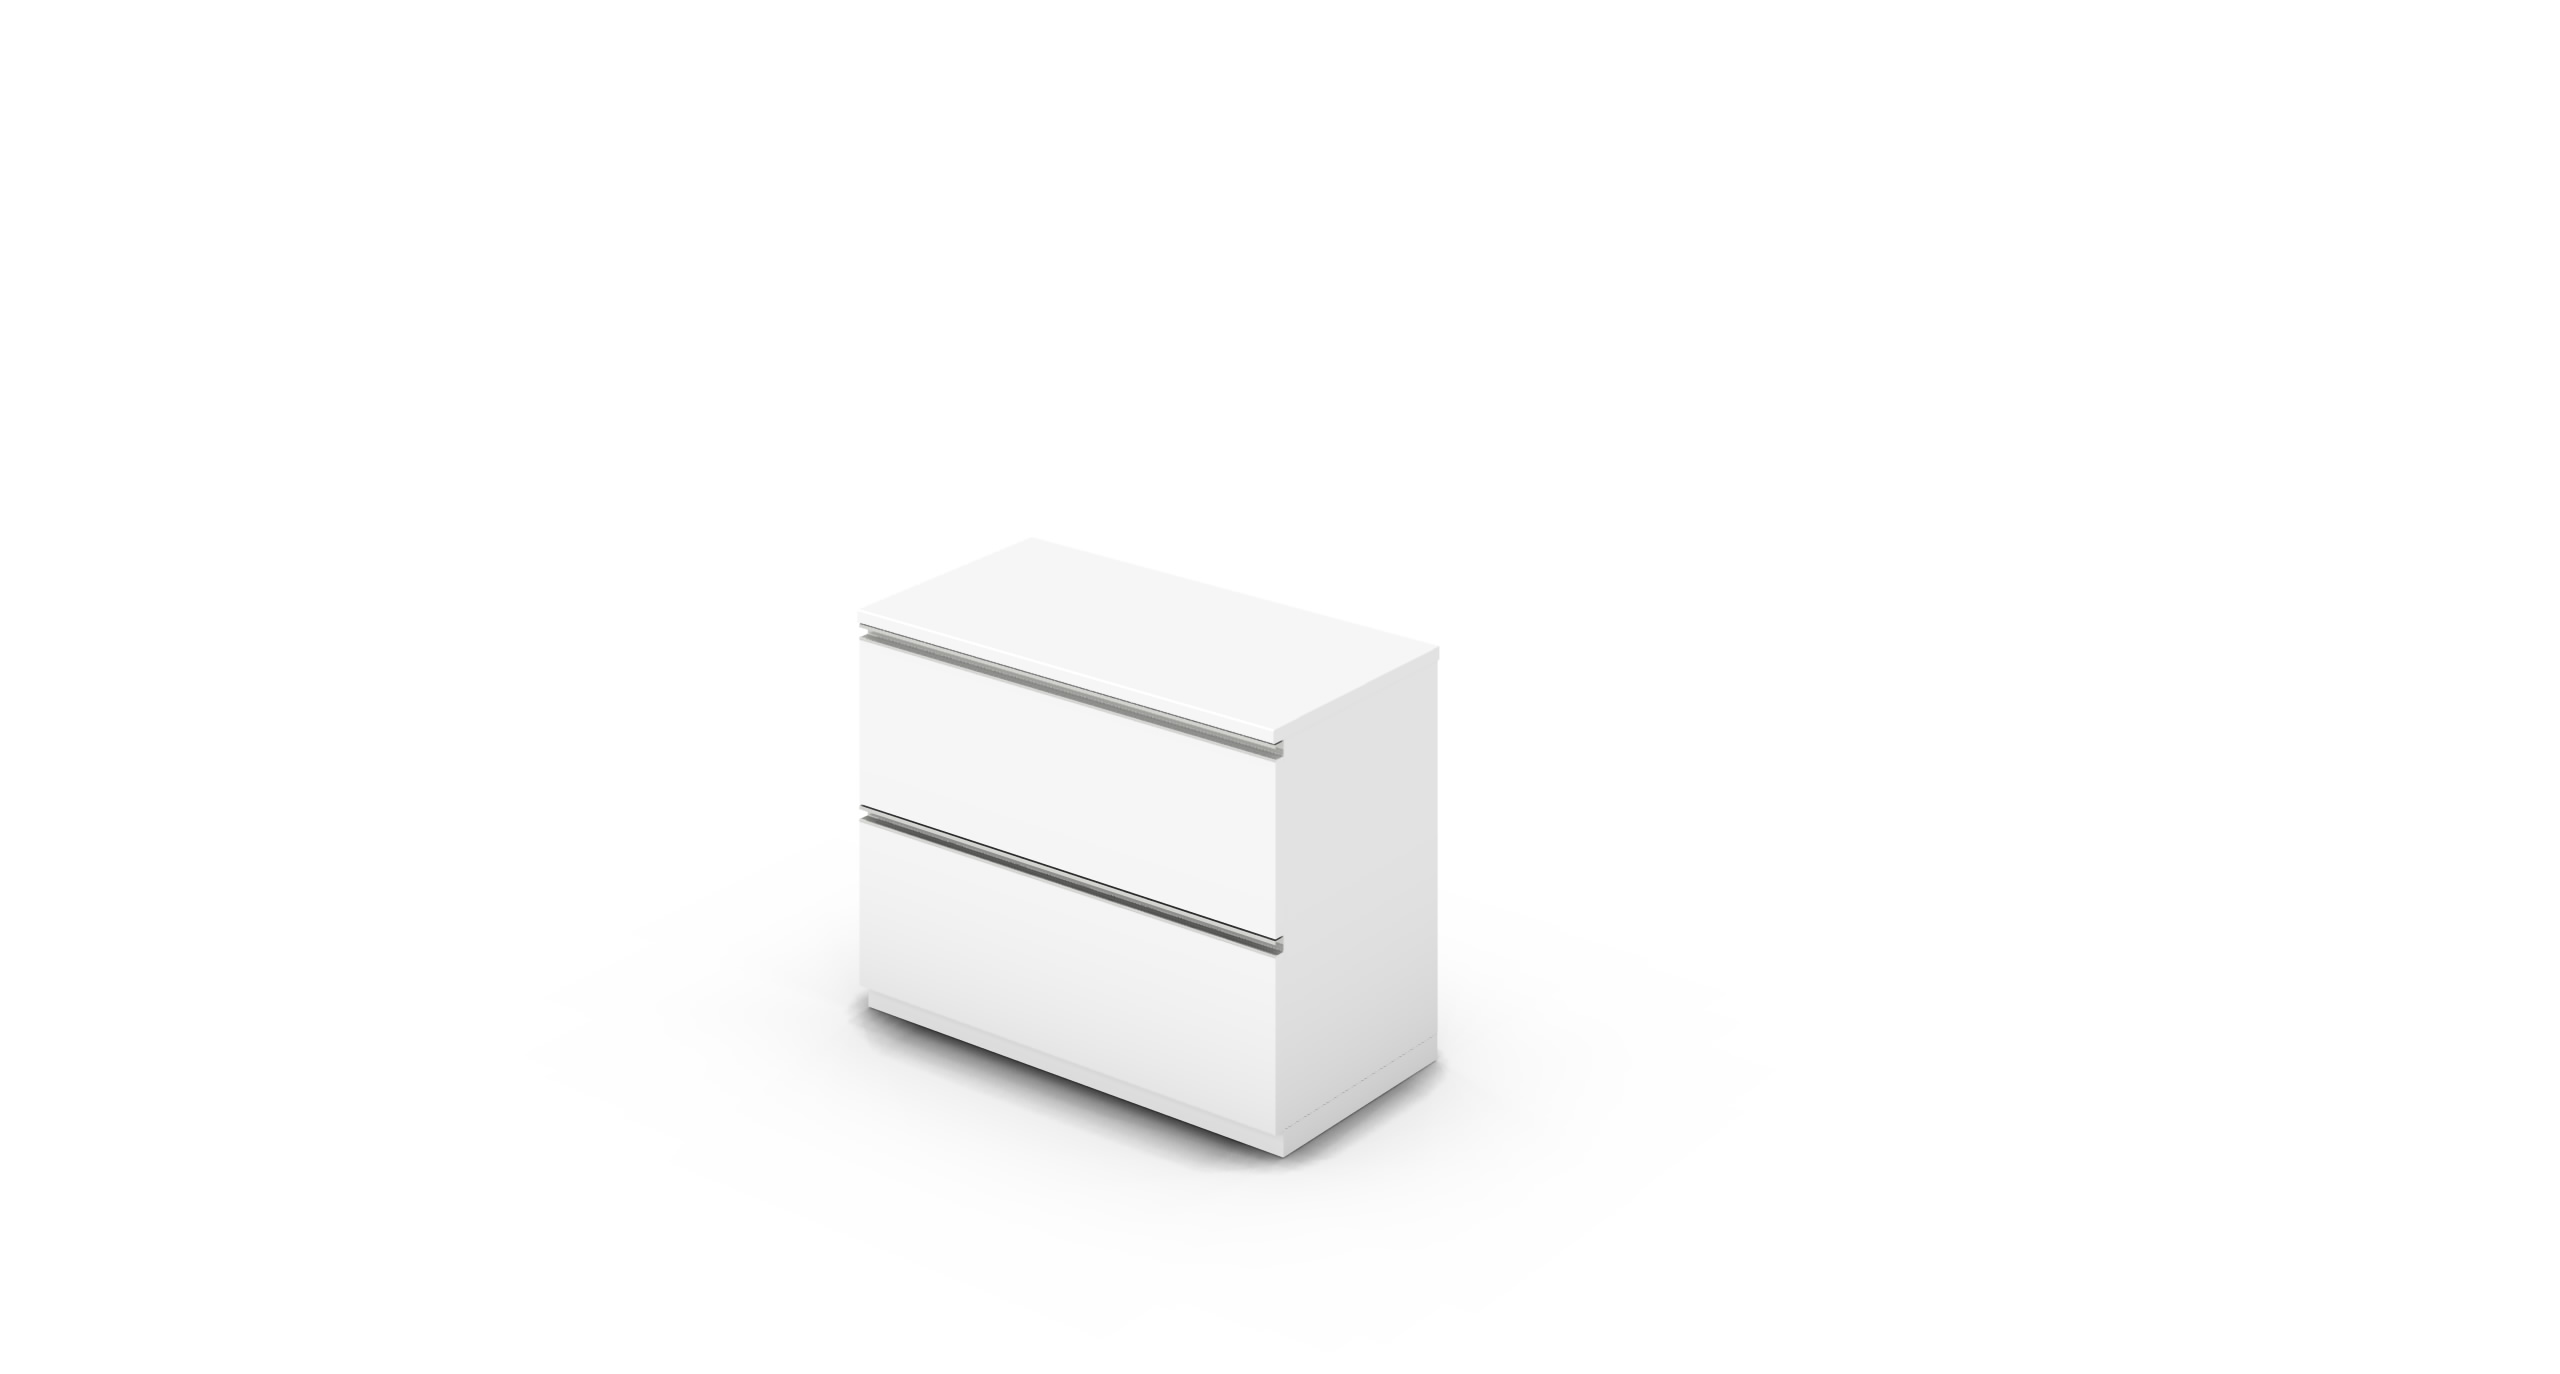 Cabinet_900x450x775_DR_White_Rail_NoCylinder